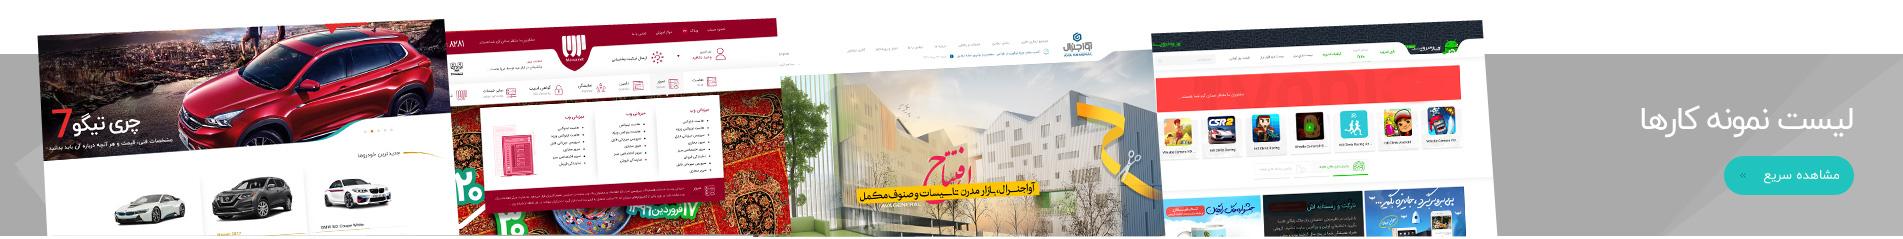 نمونه وب سایت های طراحی شده